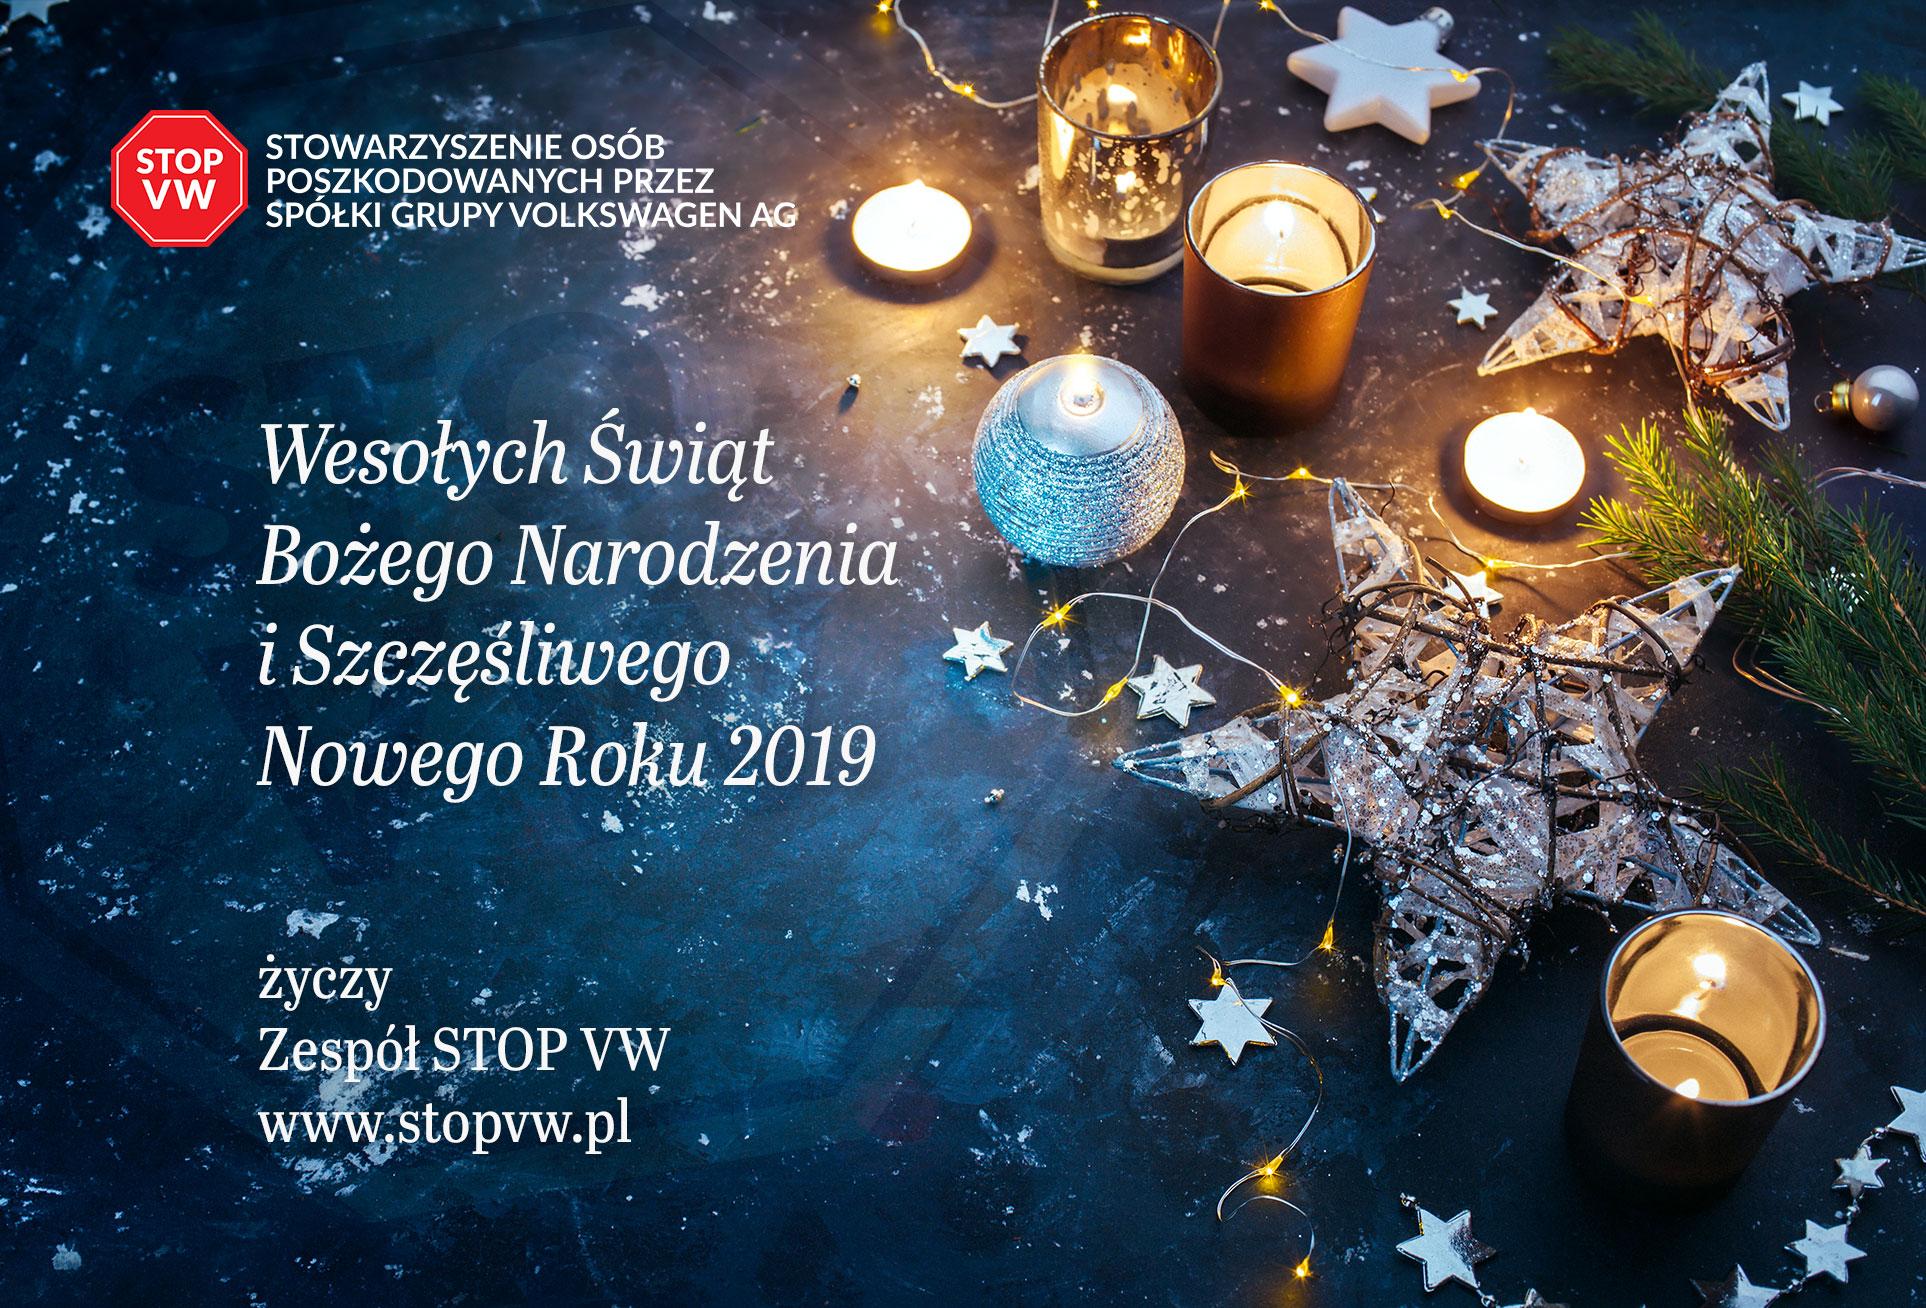 Wesołych świąt Bożego Narodzenia I Szczęśliwego Nowego Roku 2019